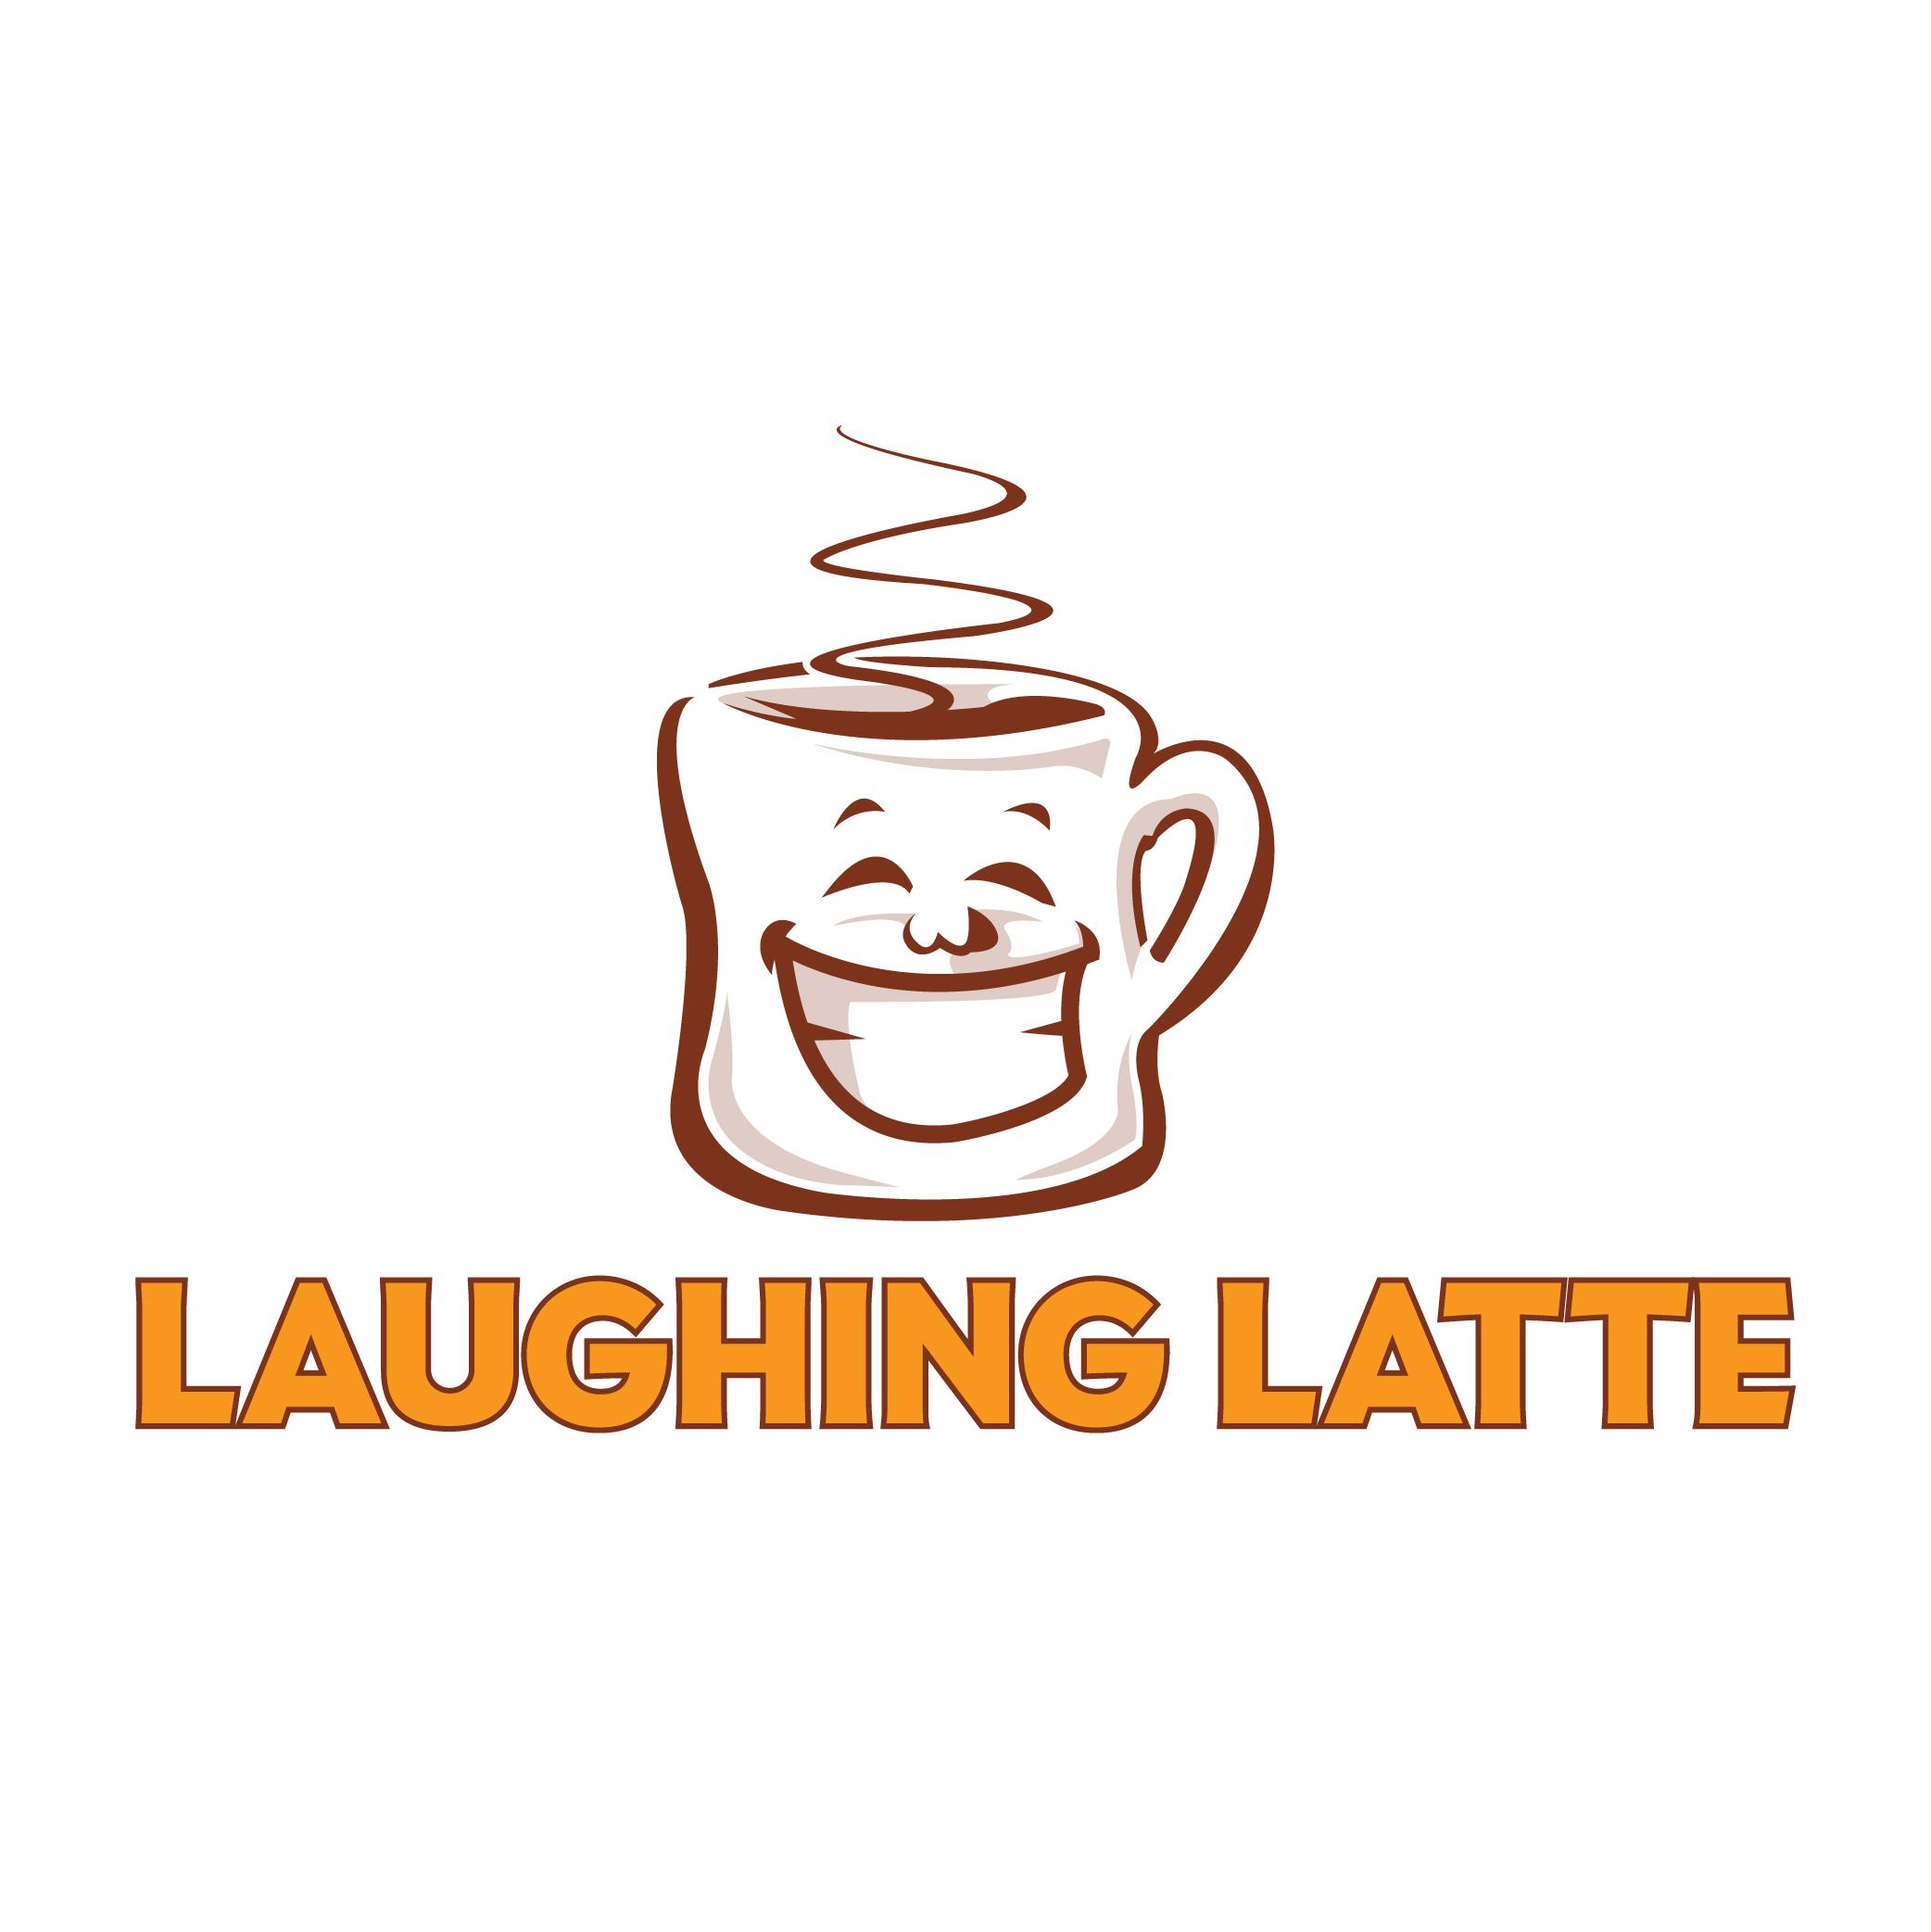 Laughing Latte